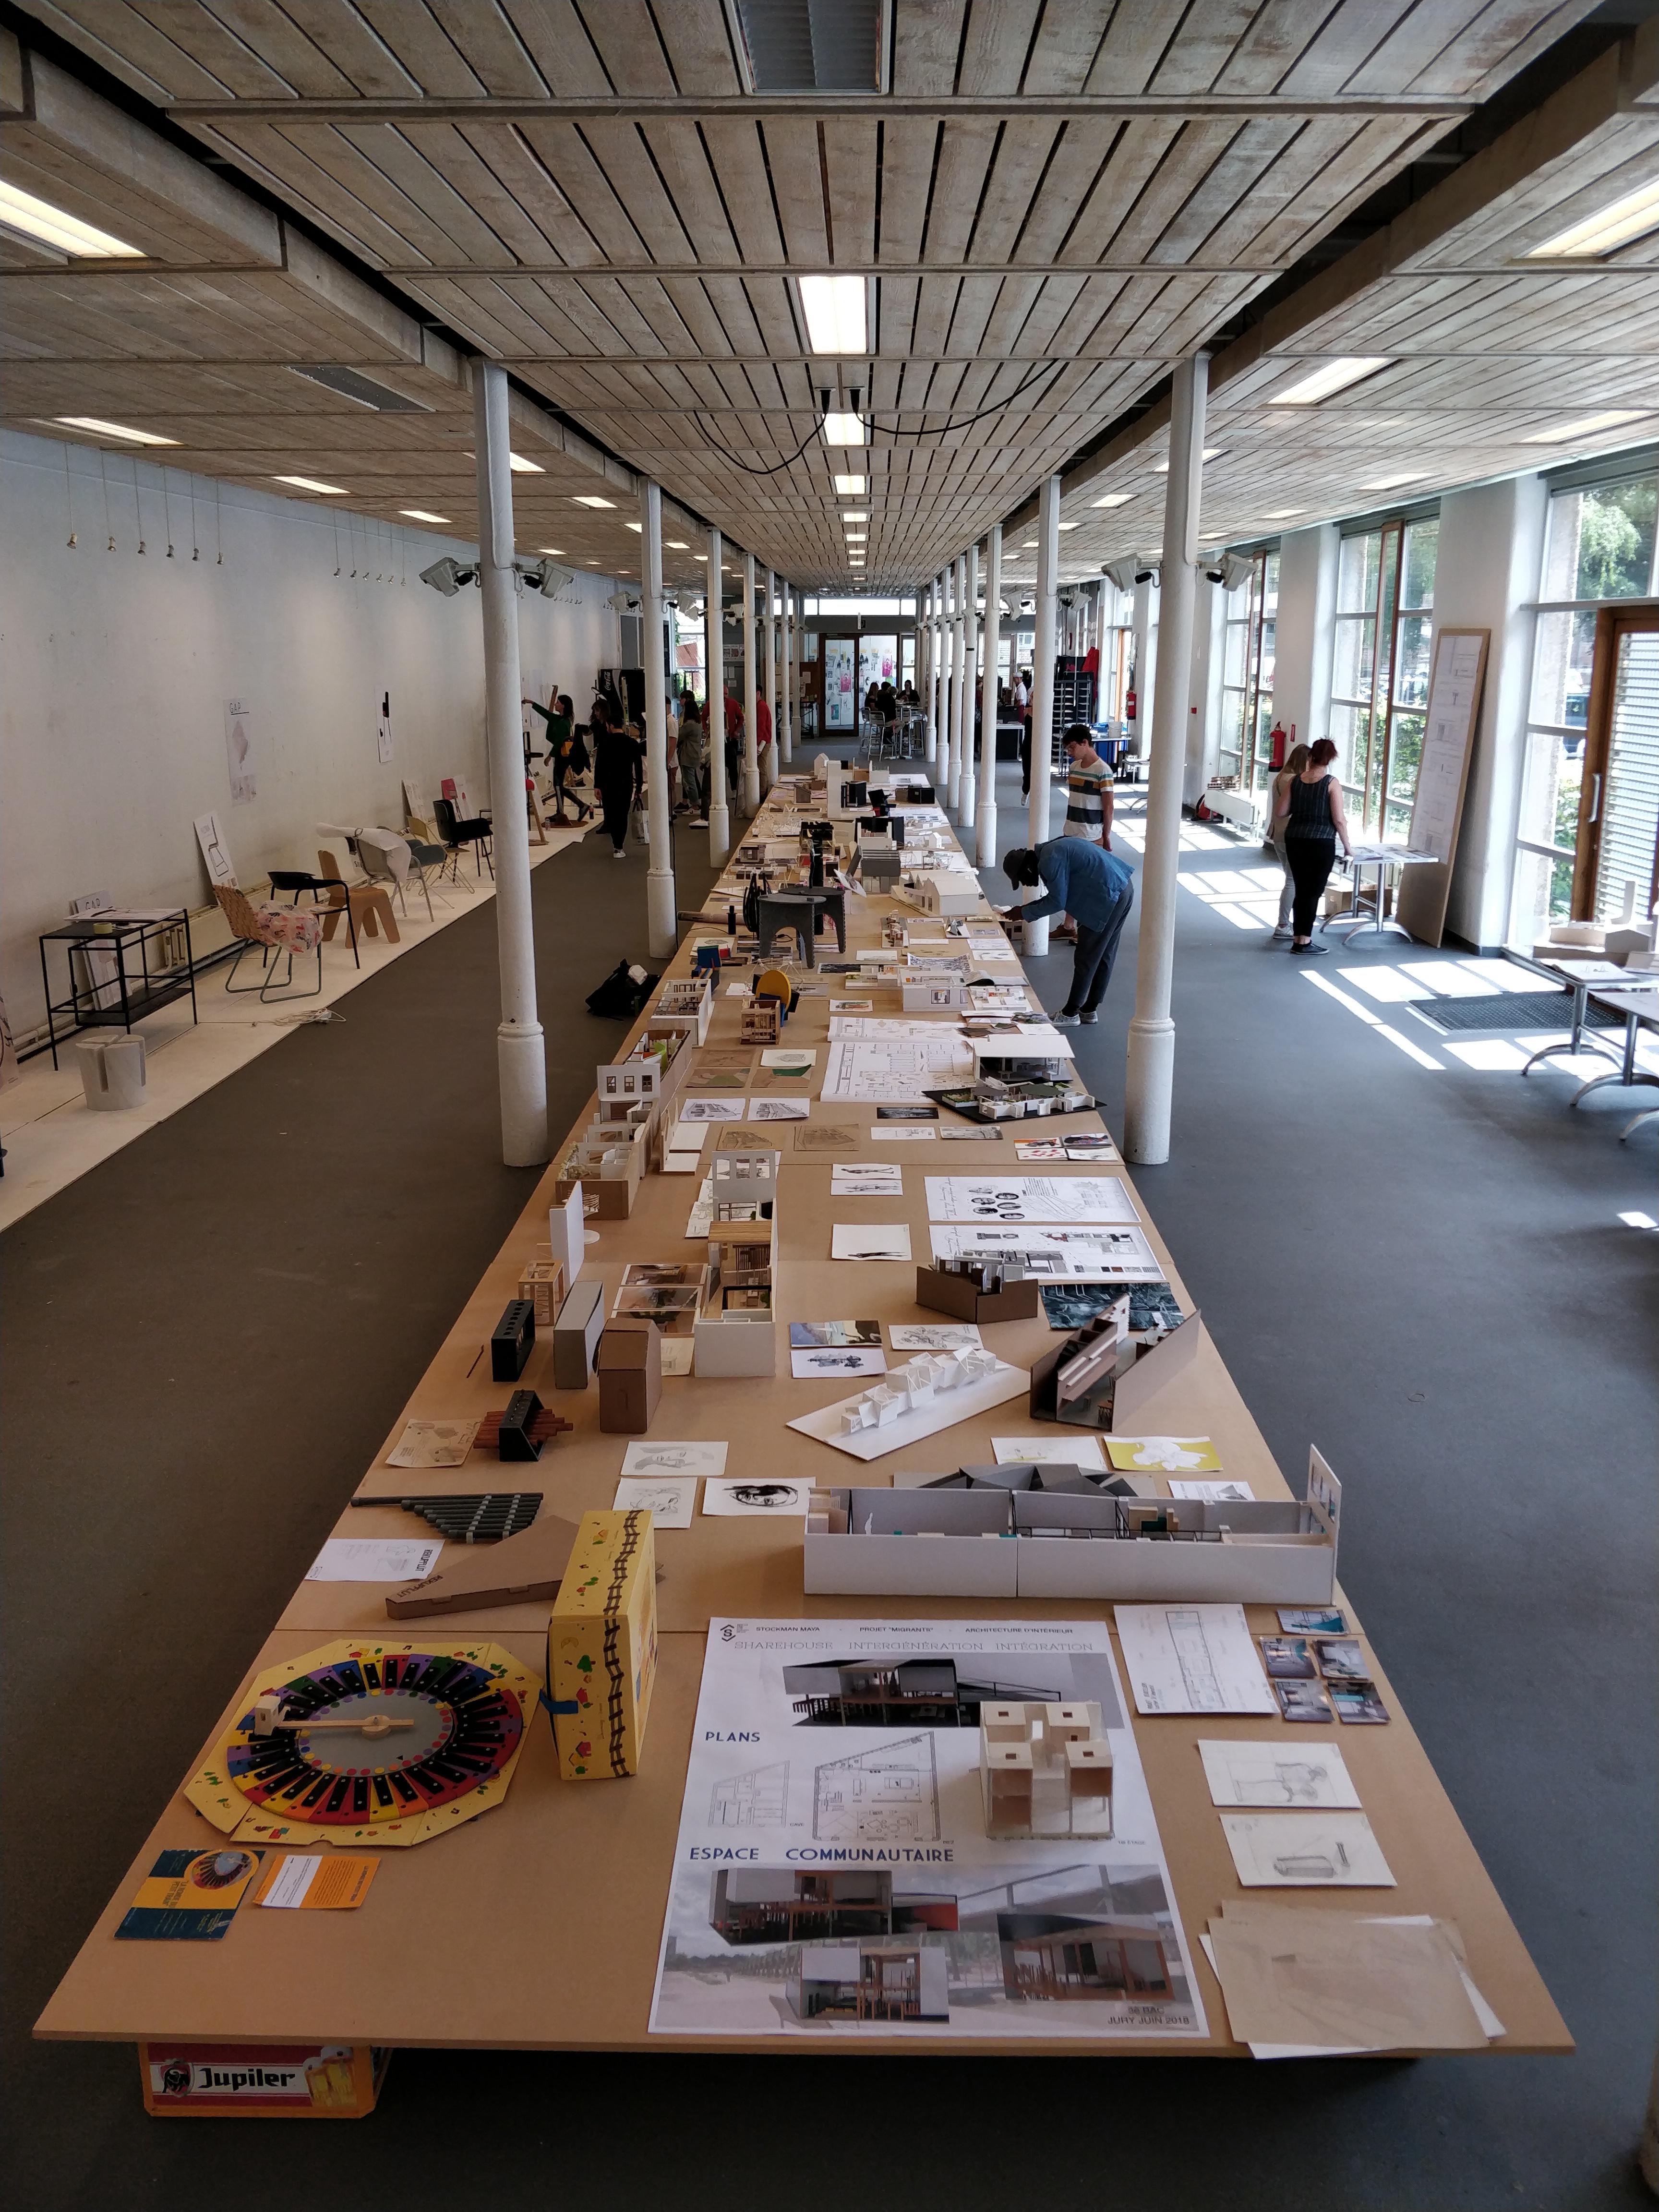 Architecte D Intérieur En Belgique architecture d'intérieur   École supérieure des arts - saint